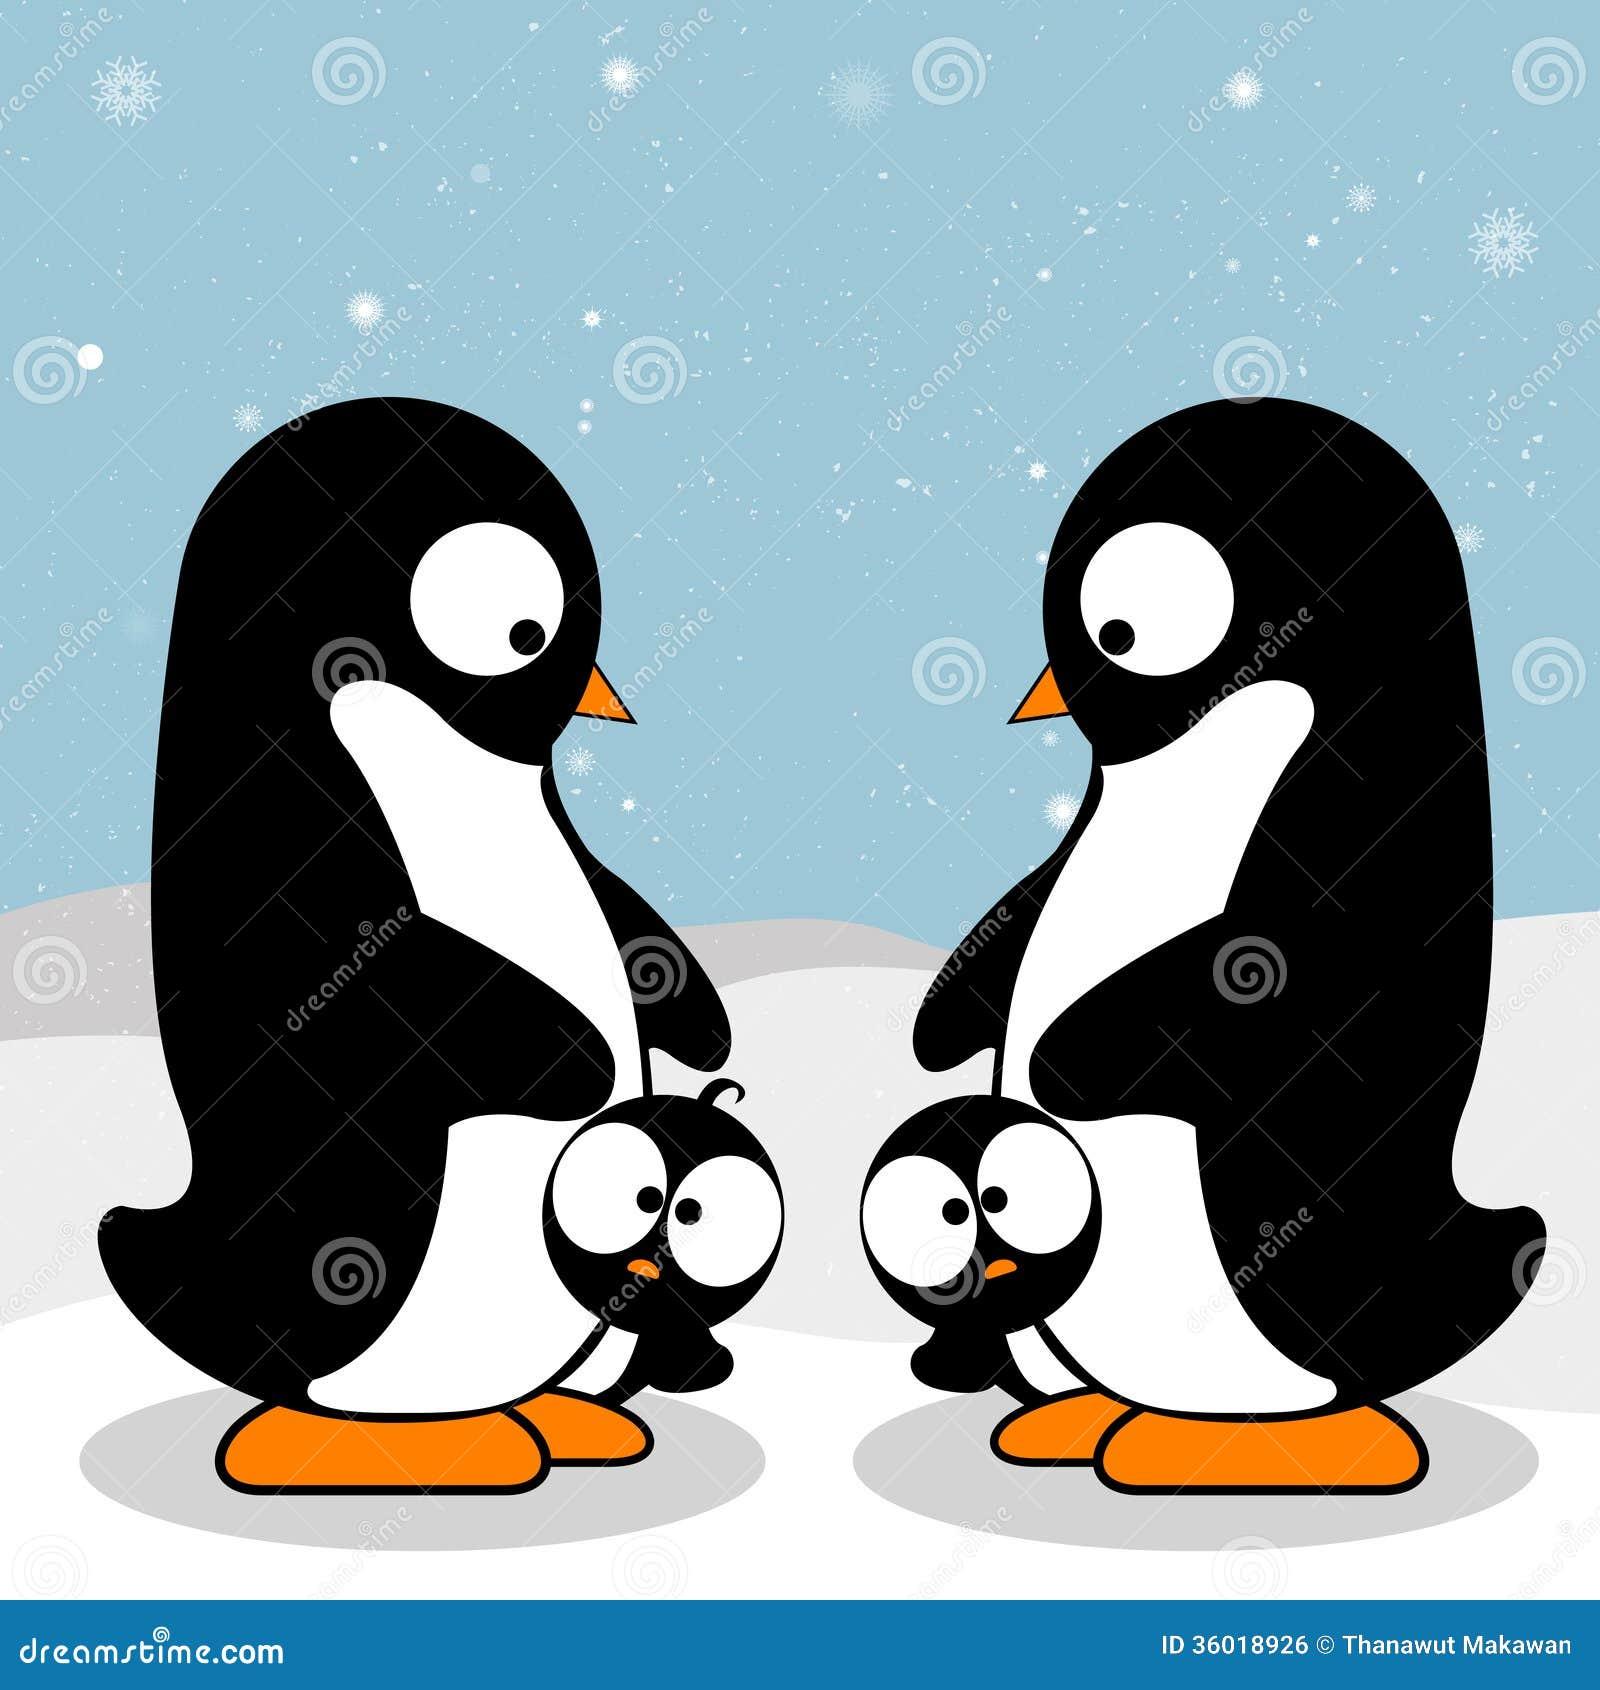 Penguin Family Stock Vector Illustration Of Blue Artwork